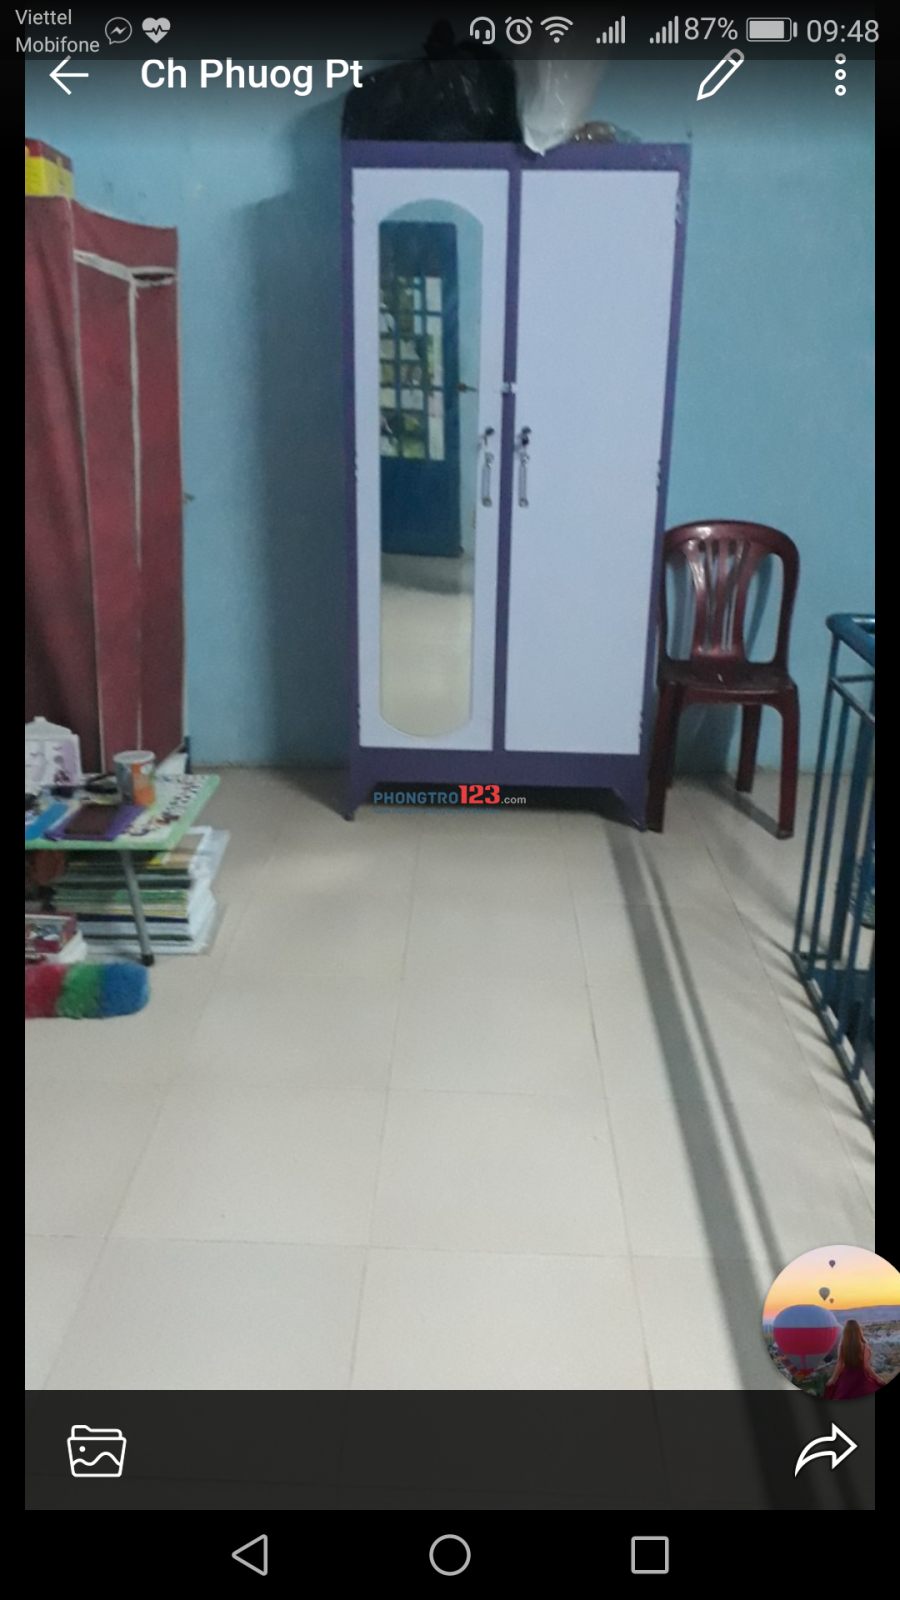 Tìm 2 -3 nữ ở ghép tại Dương Quảng Hàm, Gò Vấp